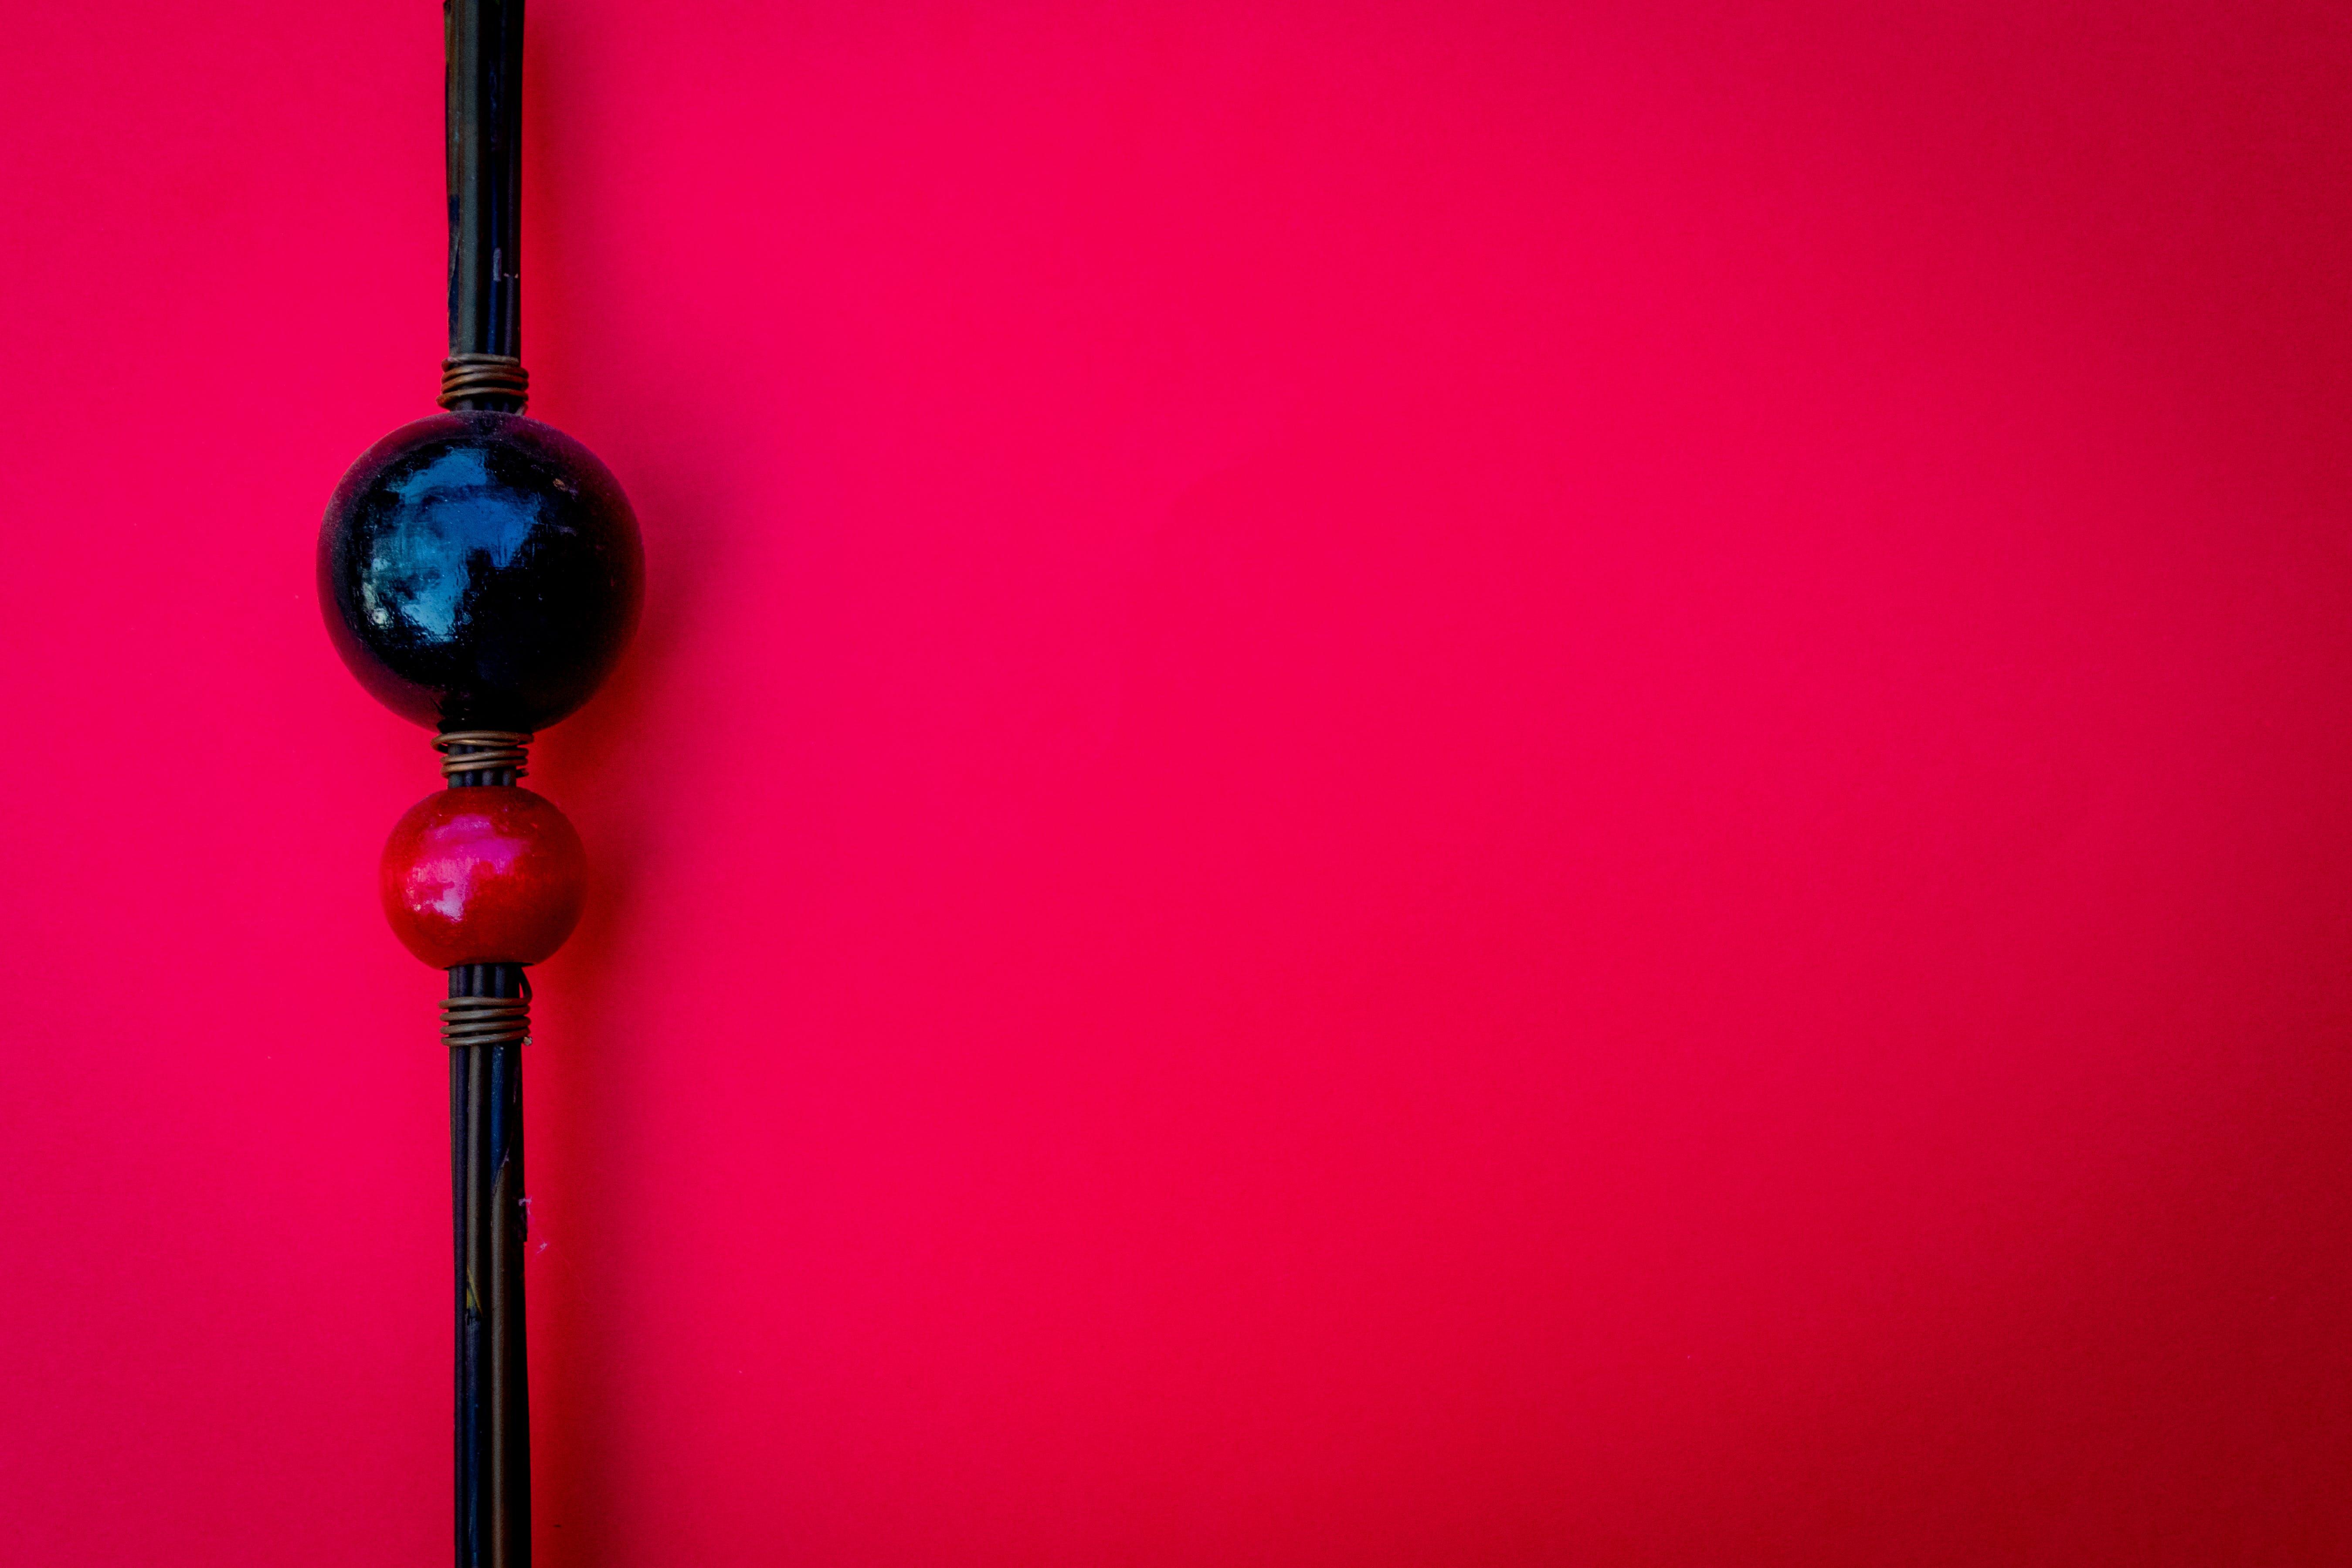 Kostenloses Stock Foto zu ausbildung, ball, dekor, hintergrund